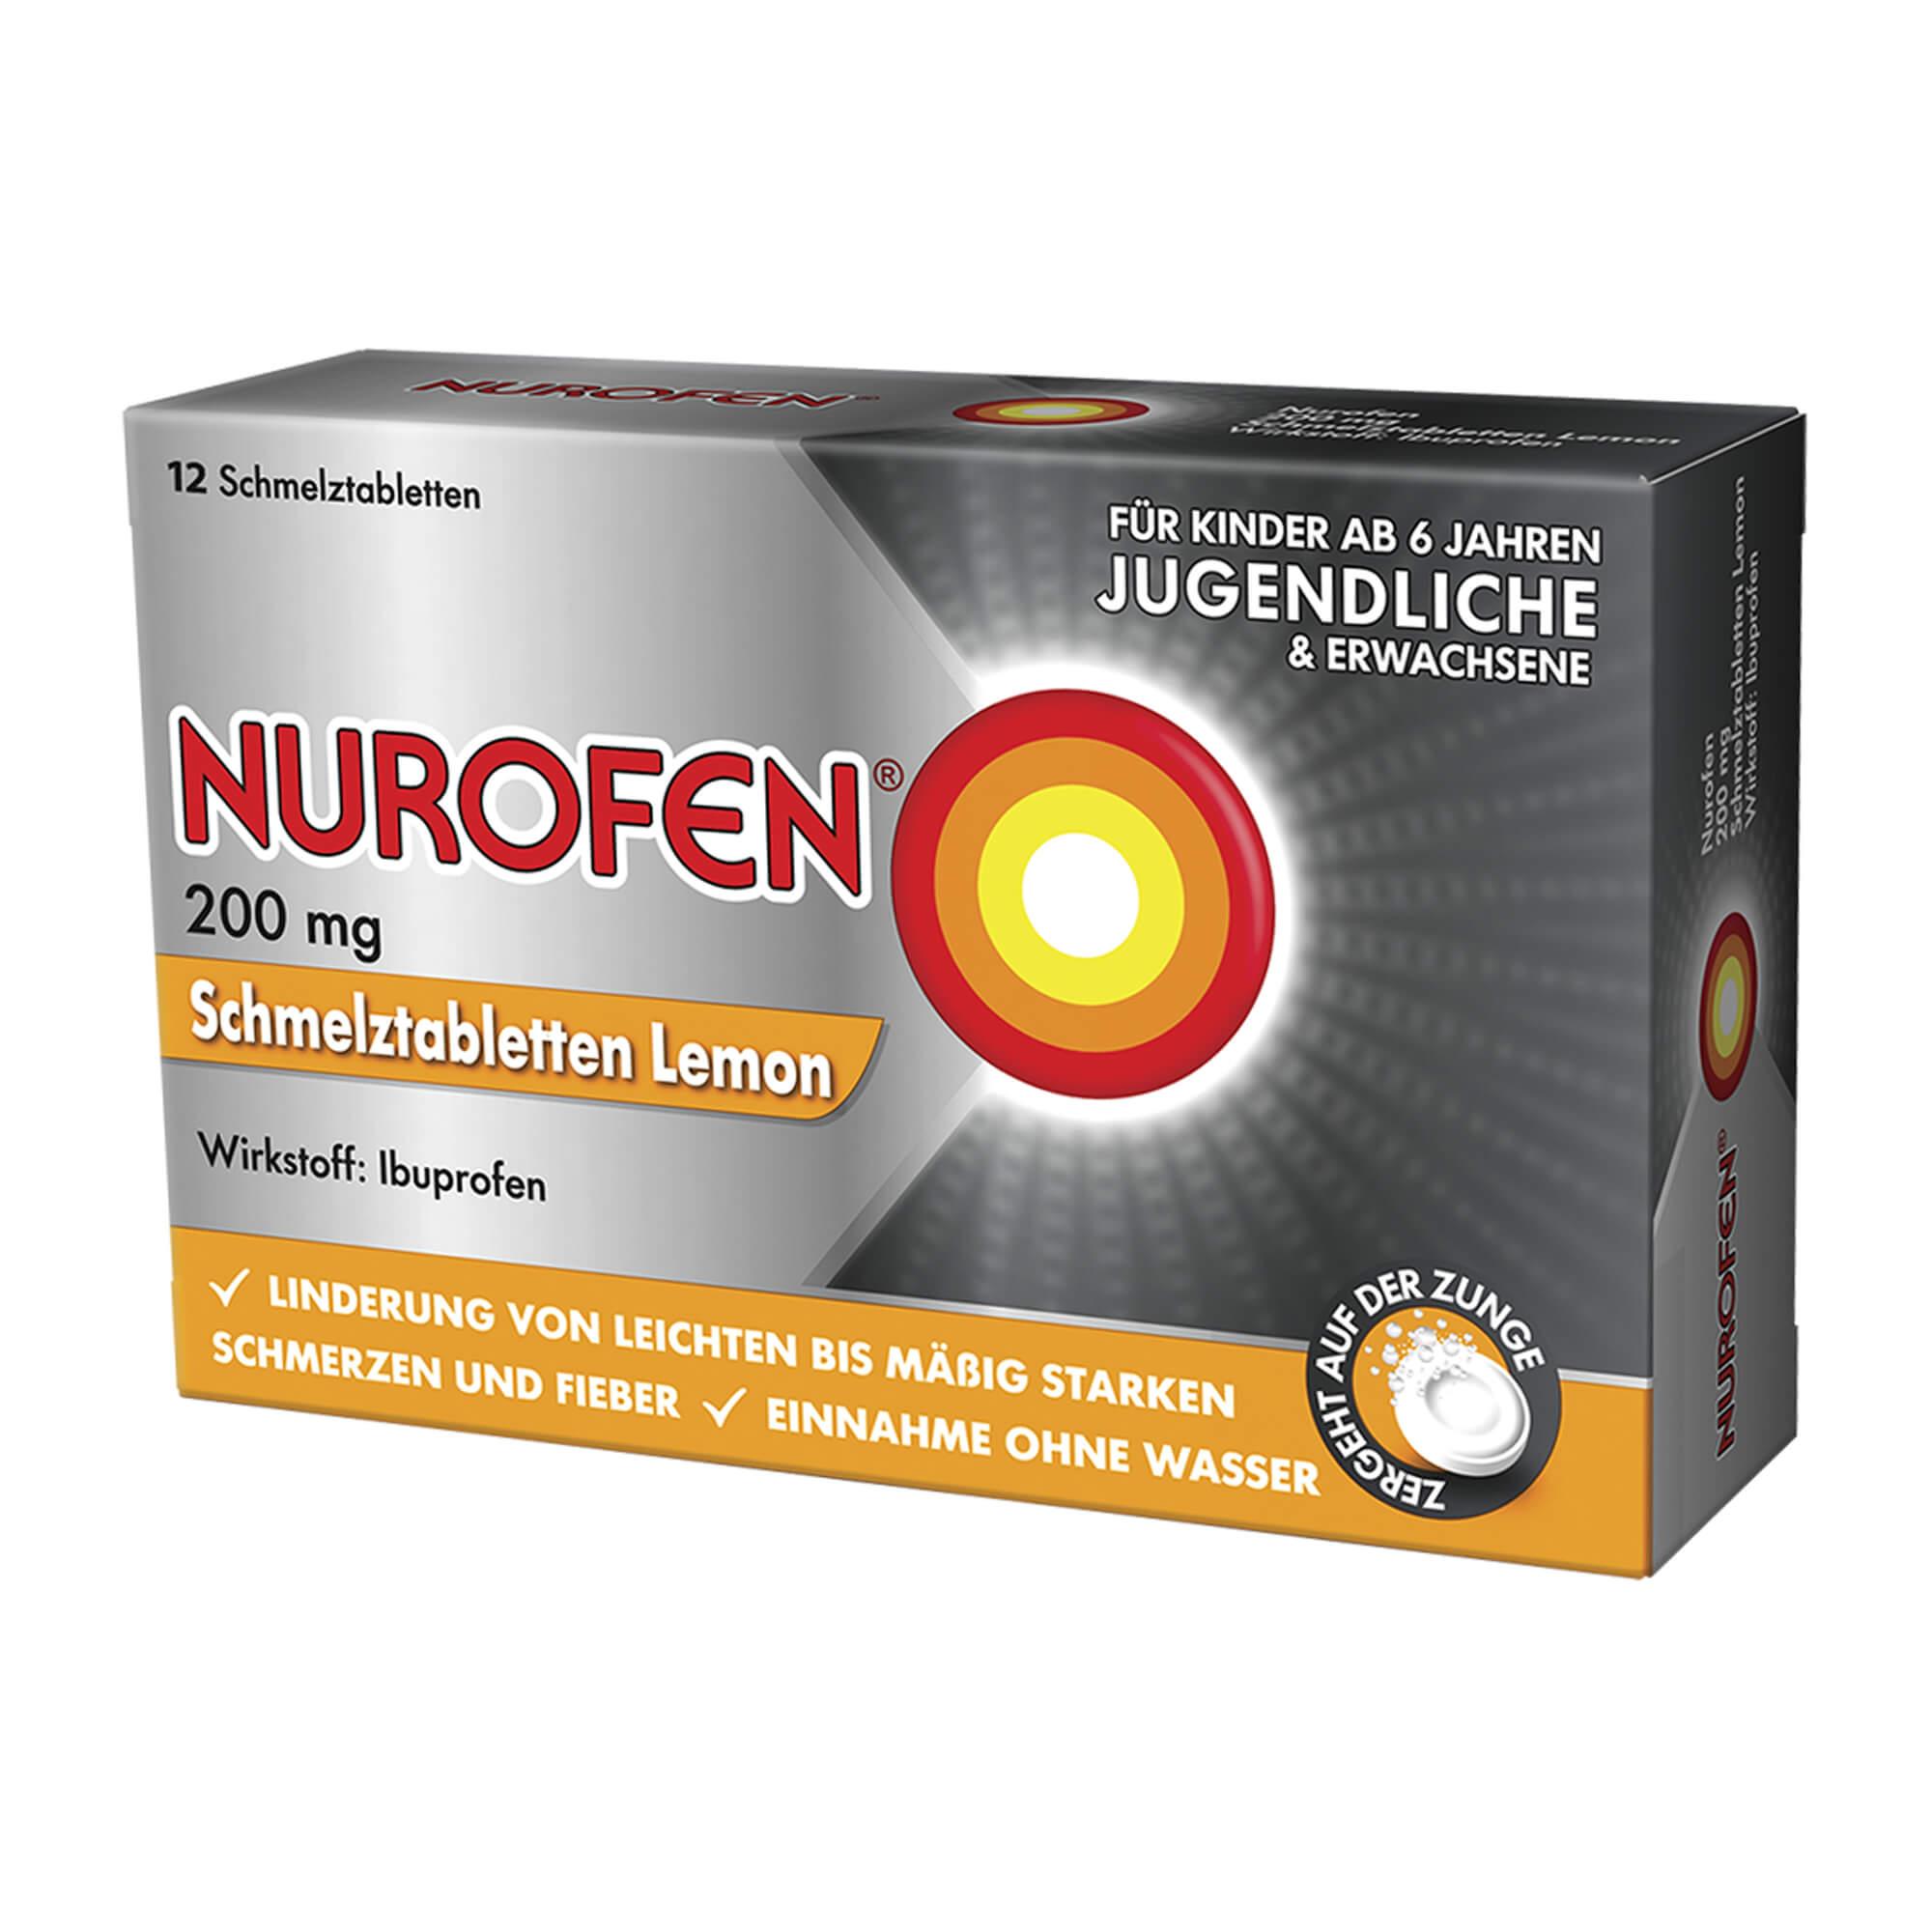 Nurofen Schmelztabletten Lemon bei Kopfschmerzen 200 mg